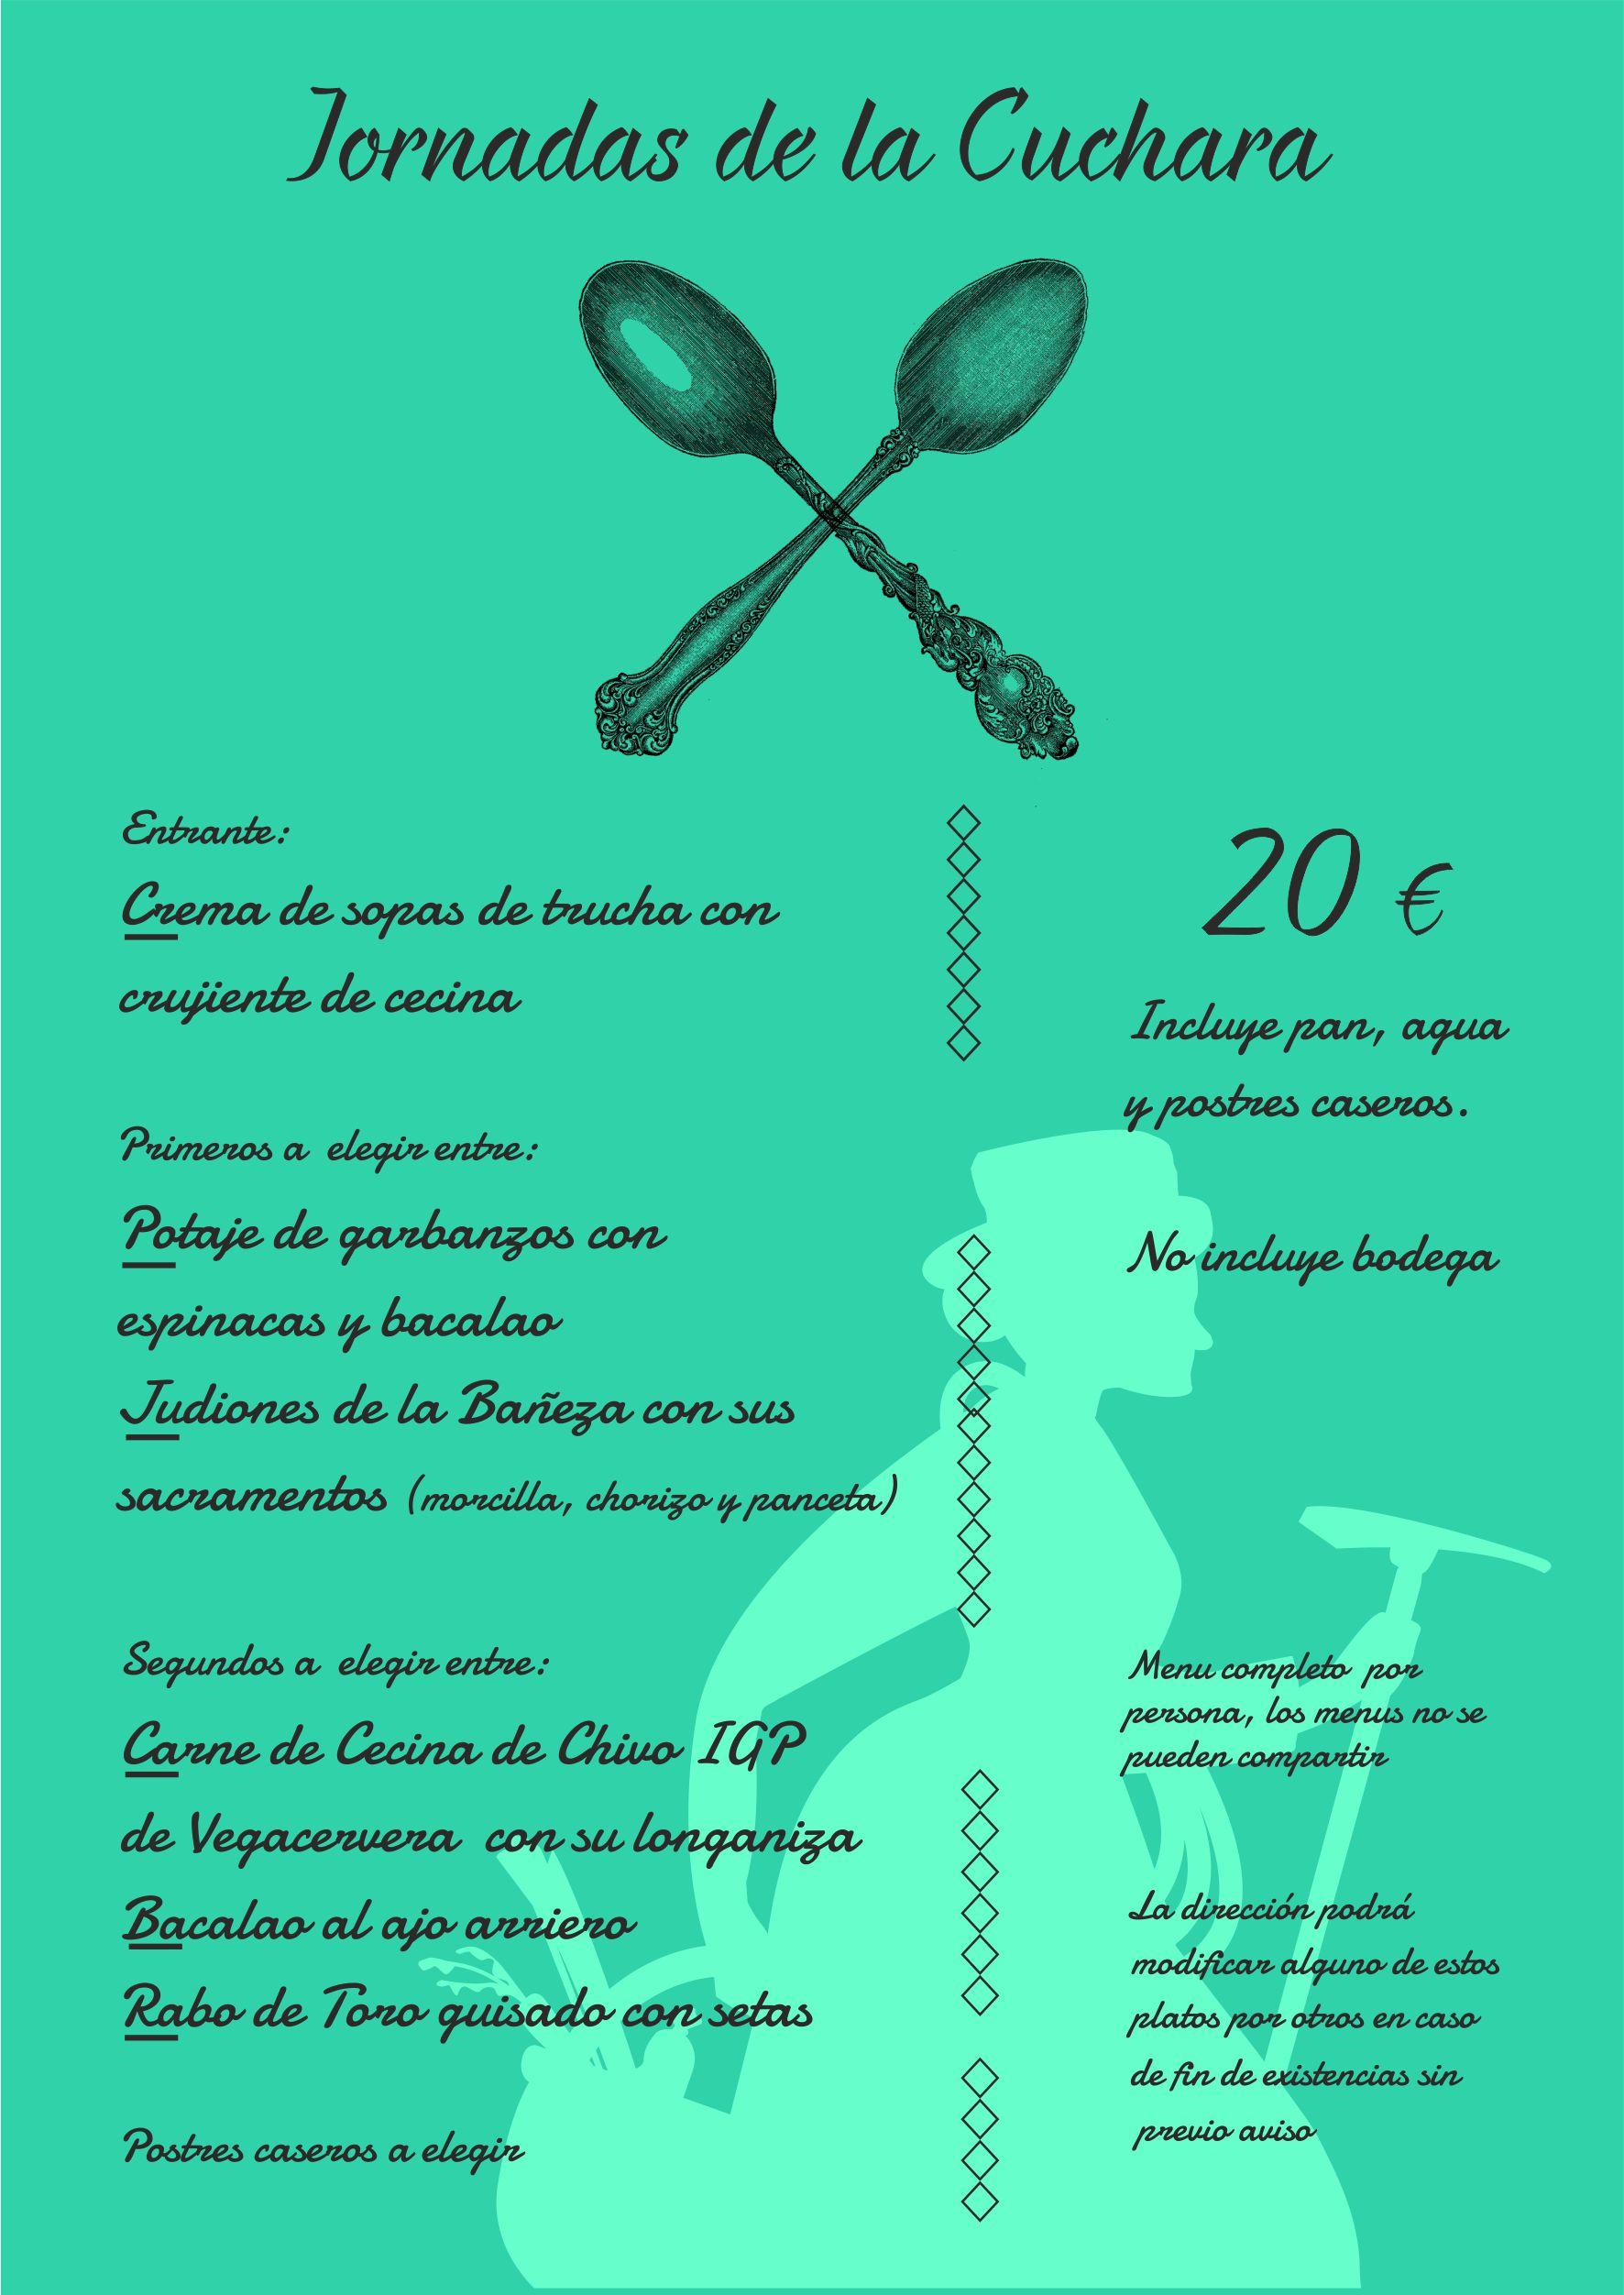 fyer menu cuchara 2017